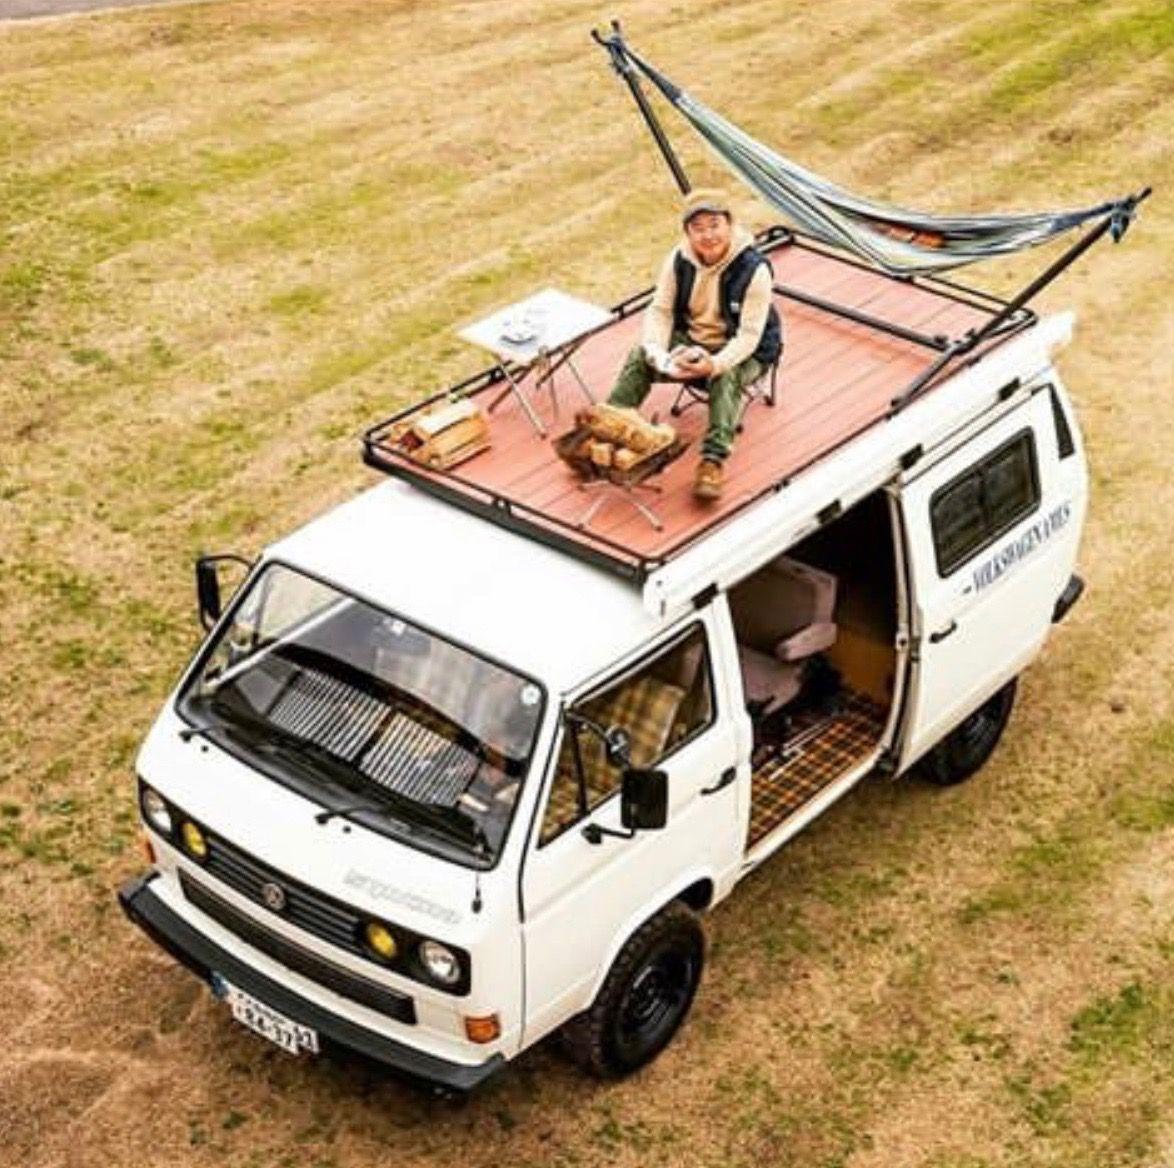 25 Van Life Ideas For Your Next Campervan Conversion Minivan Camper Conversion Campervan Life Van Life Diy